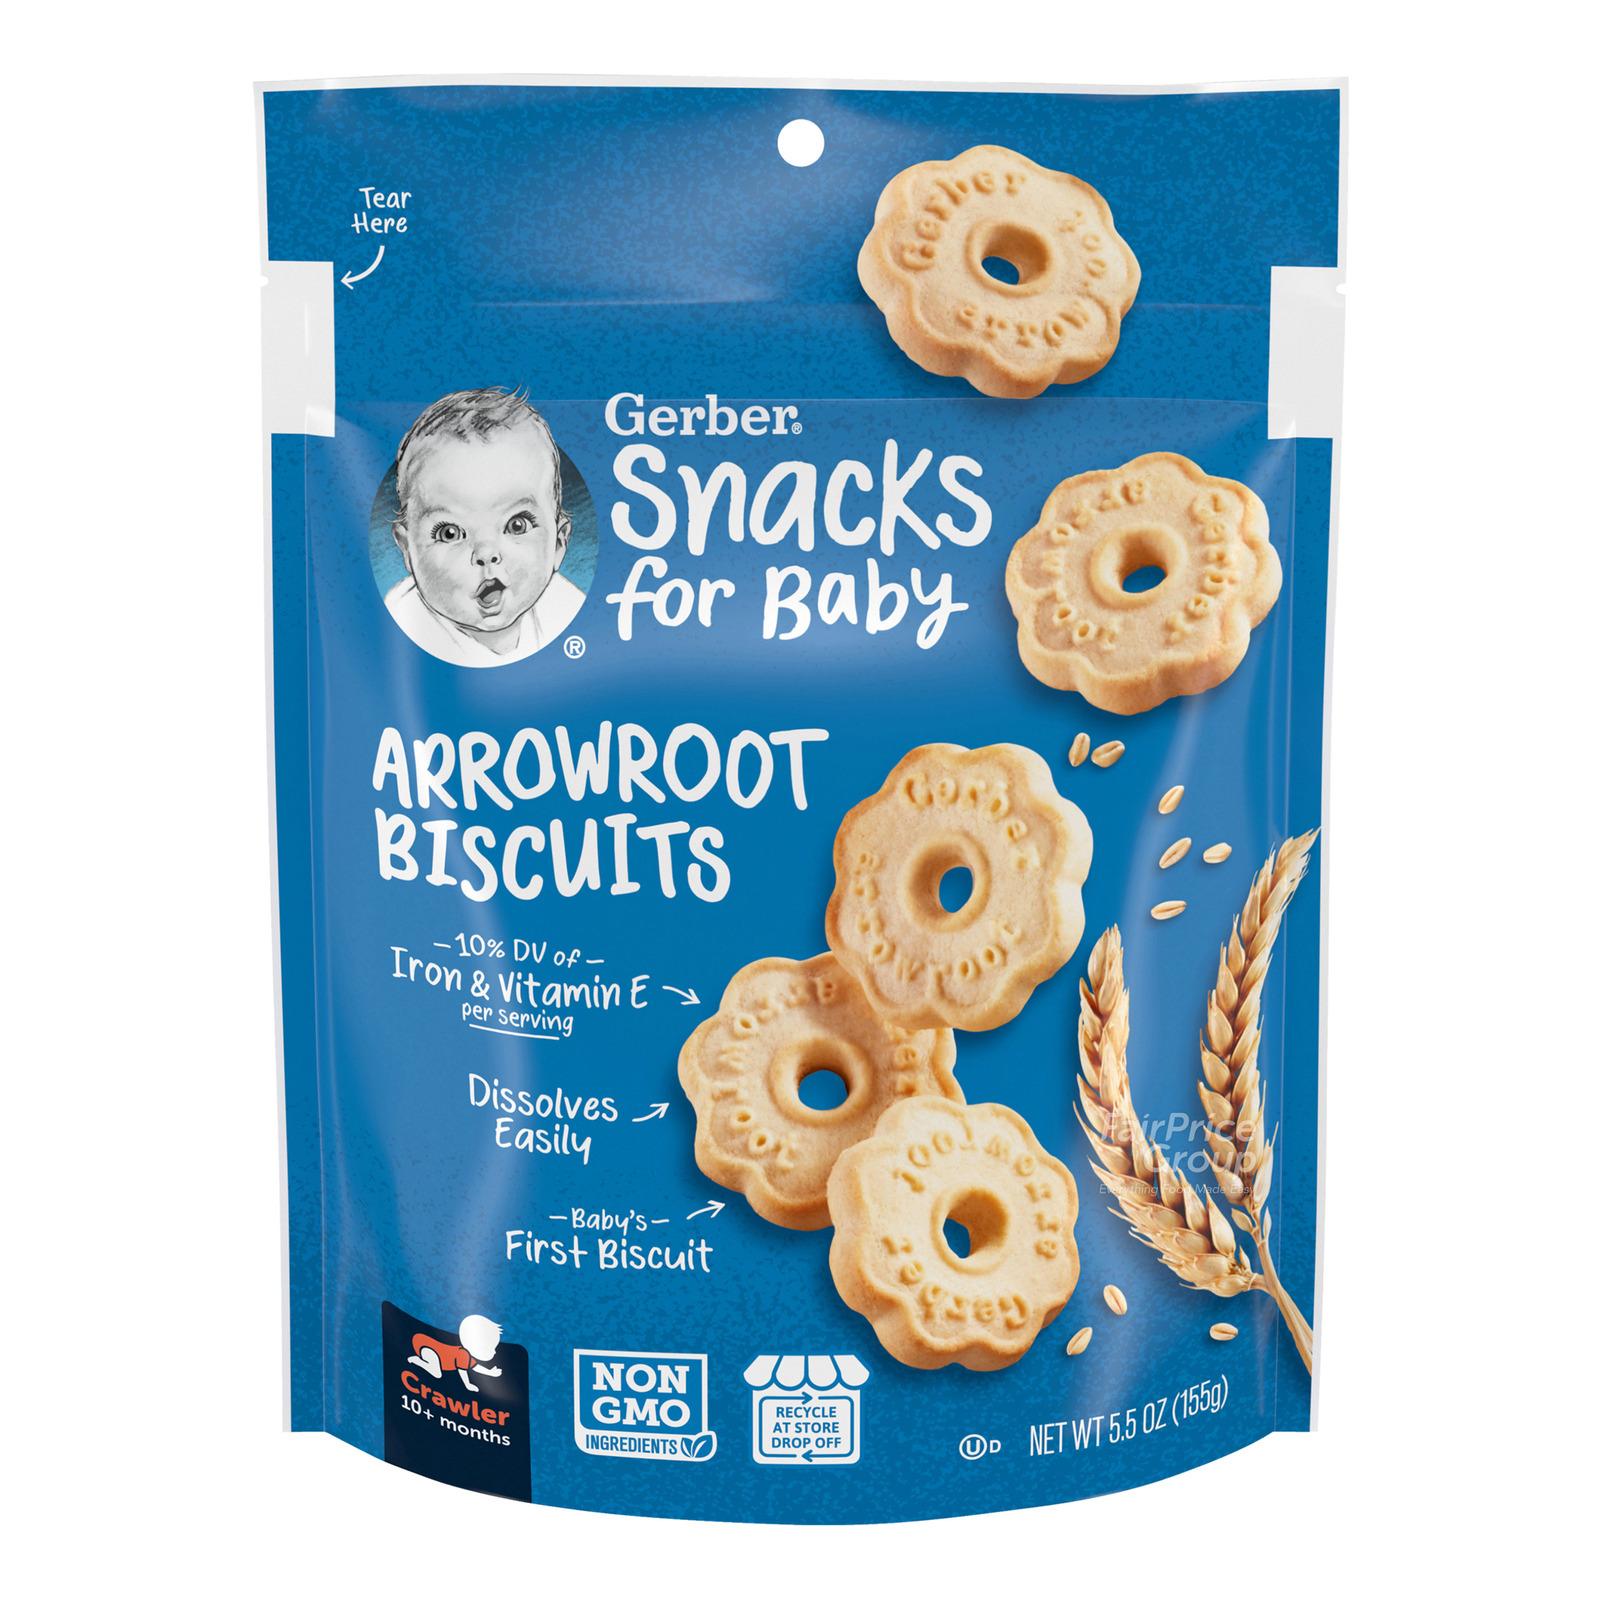 Gerber Baby Biscuits - Arrowroot